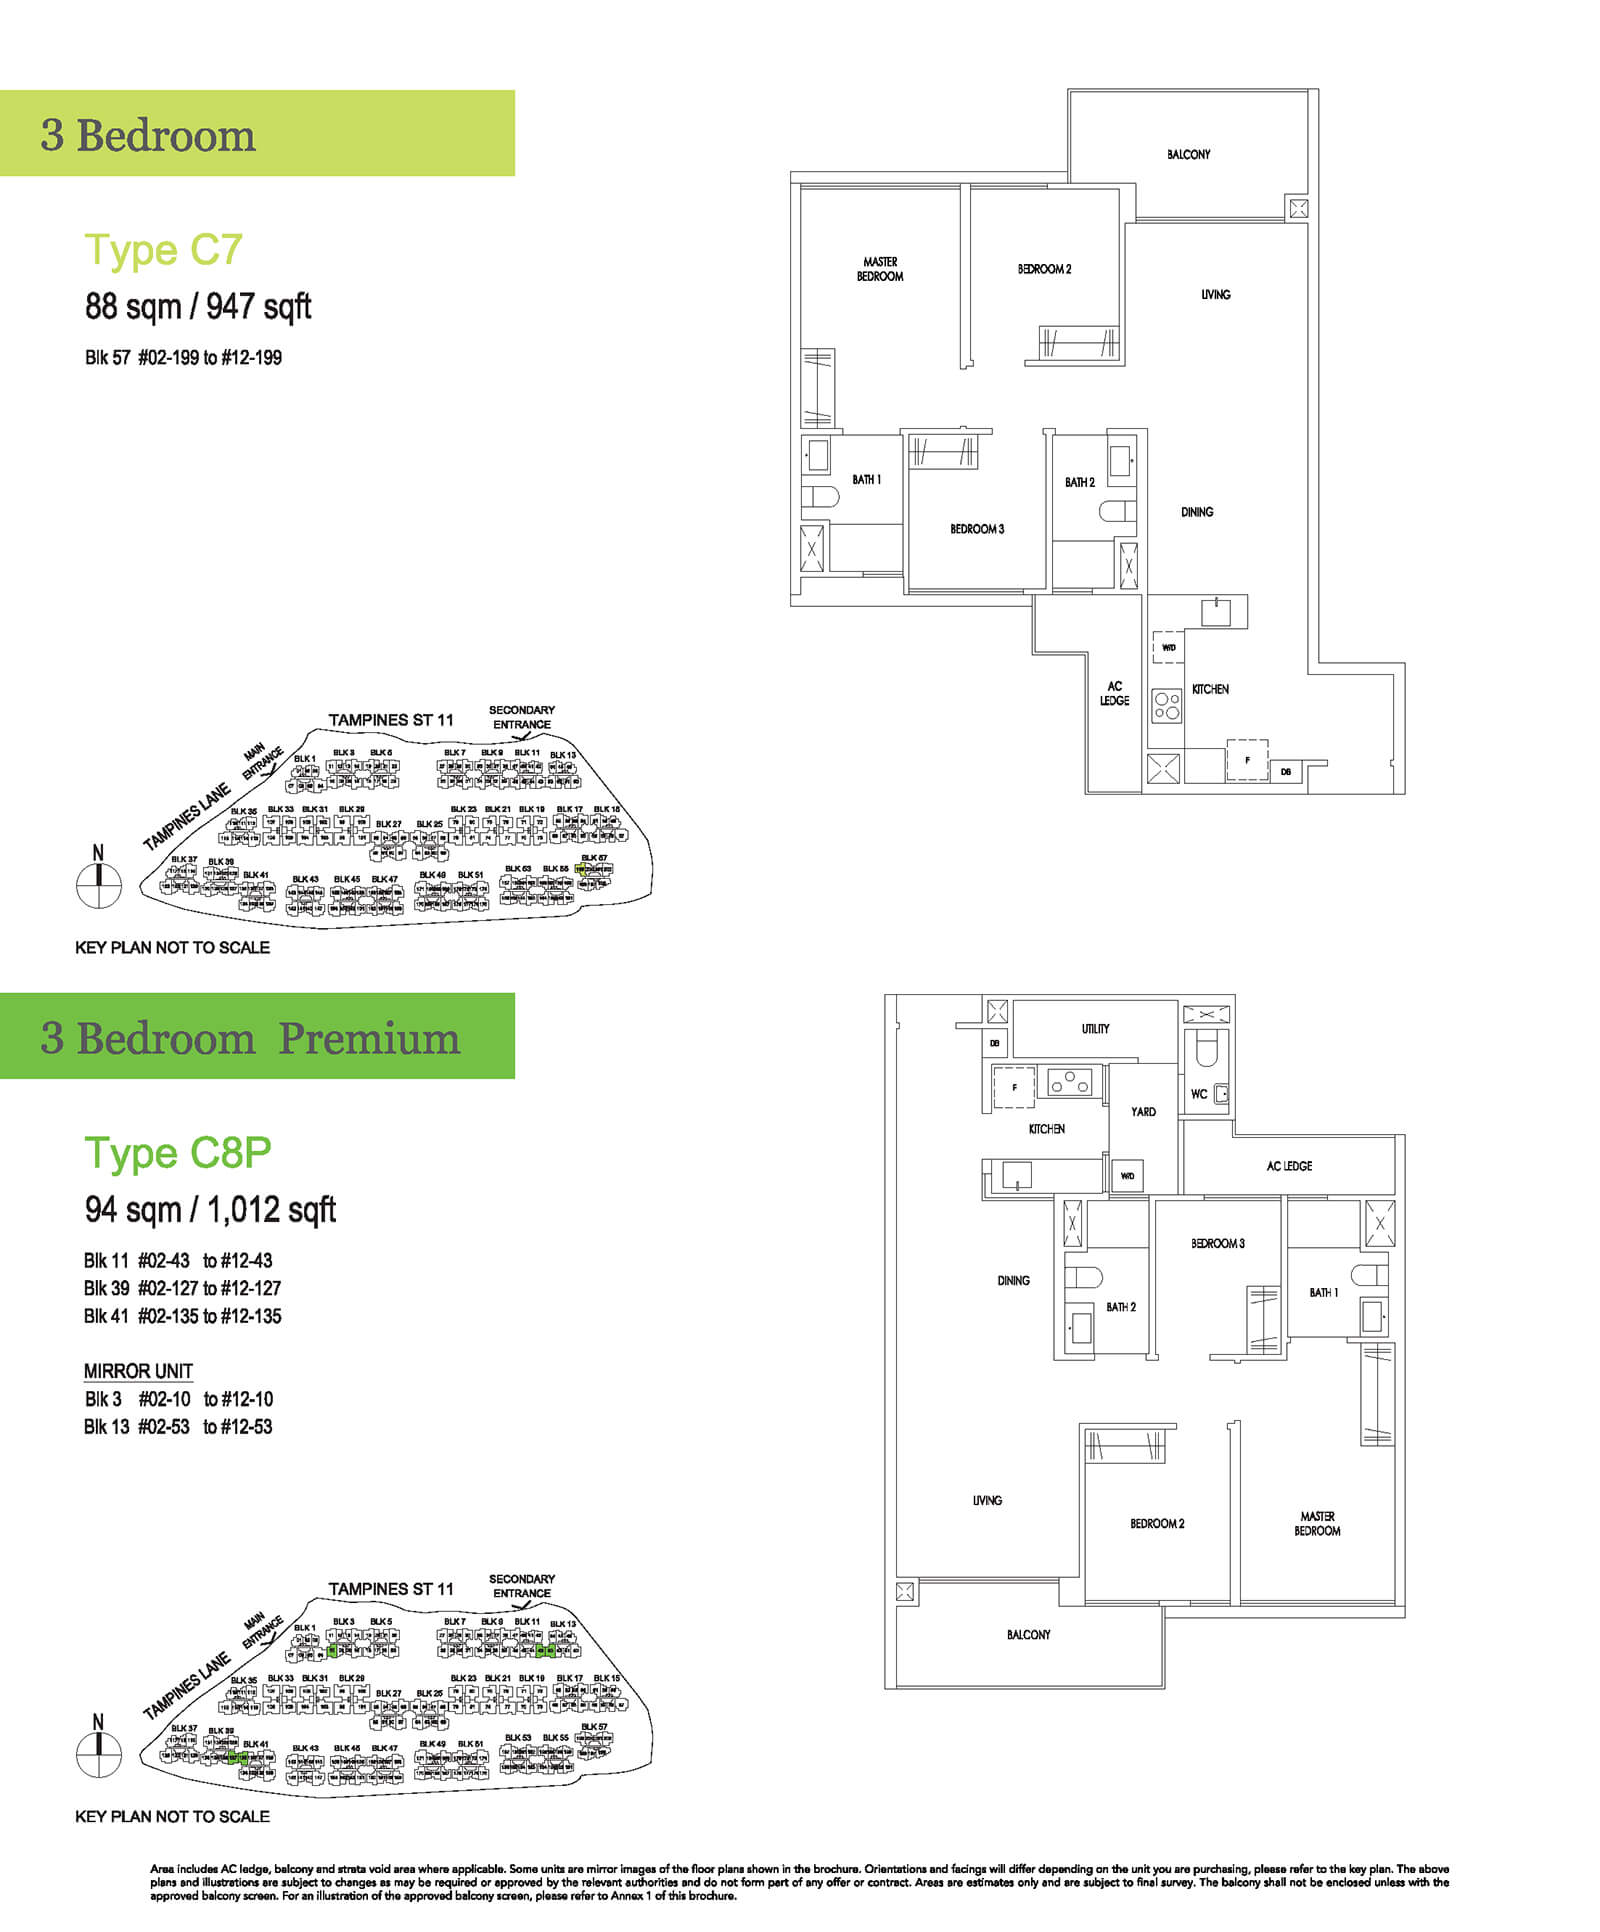 Treasure At Tampines Floor Plan 3-Bedroom Premium C8P